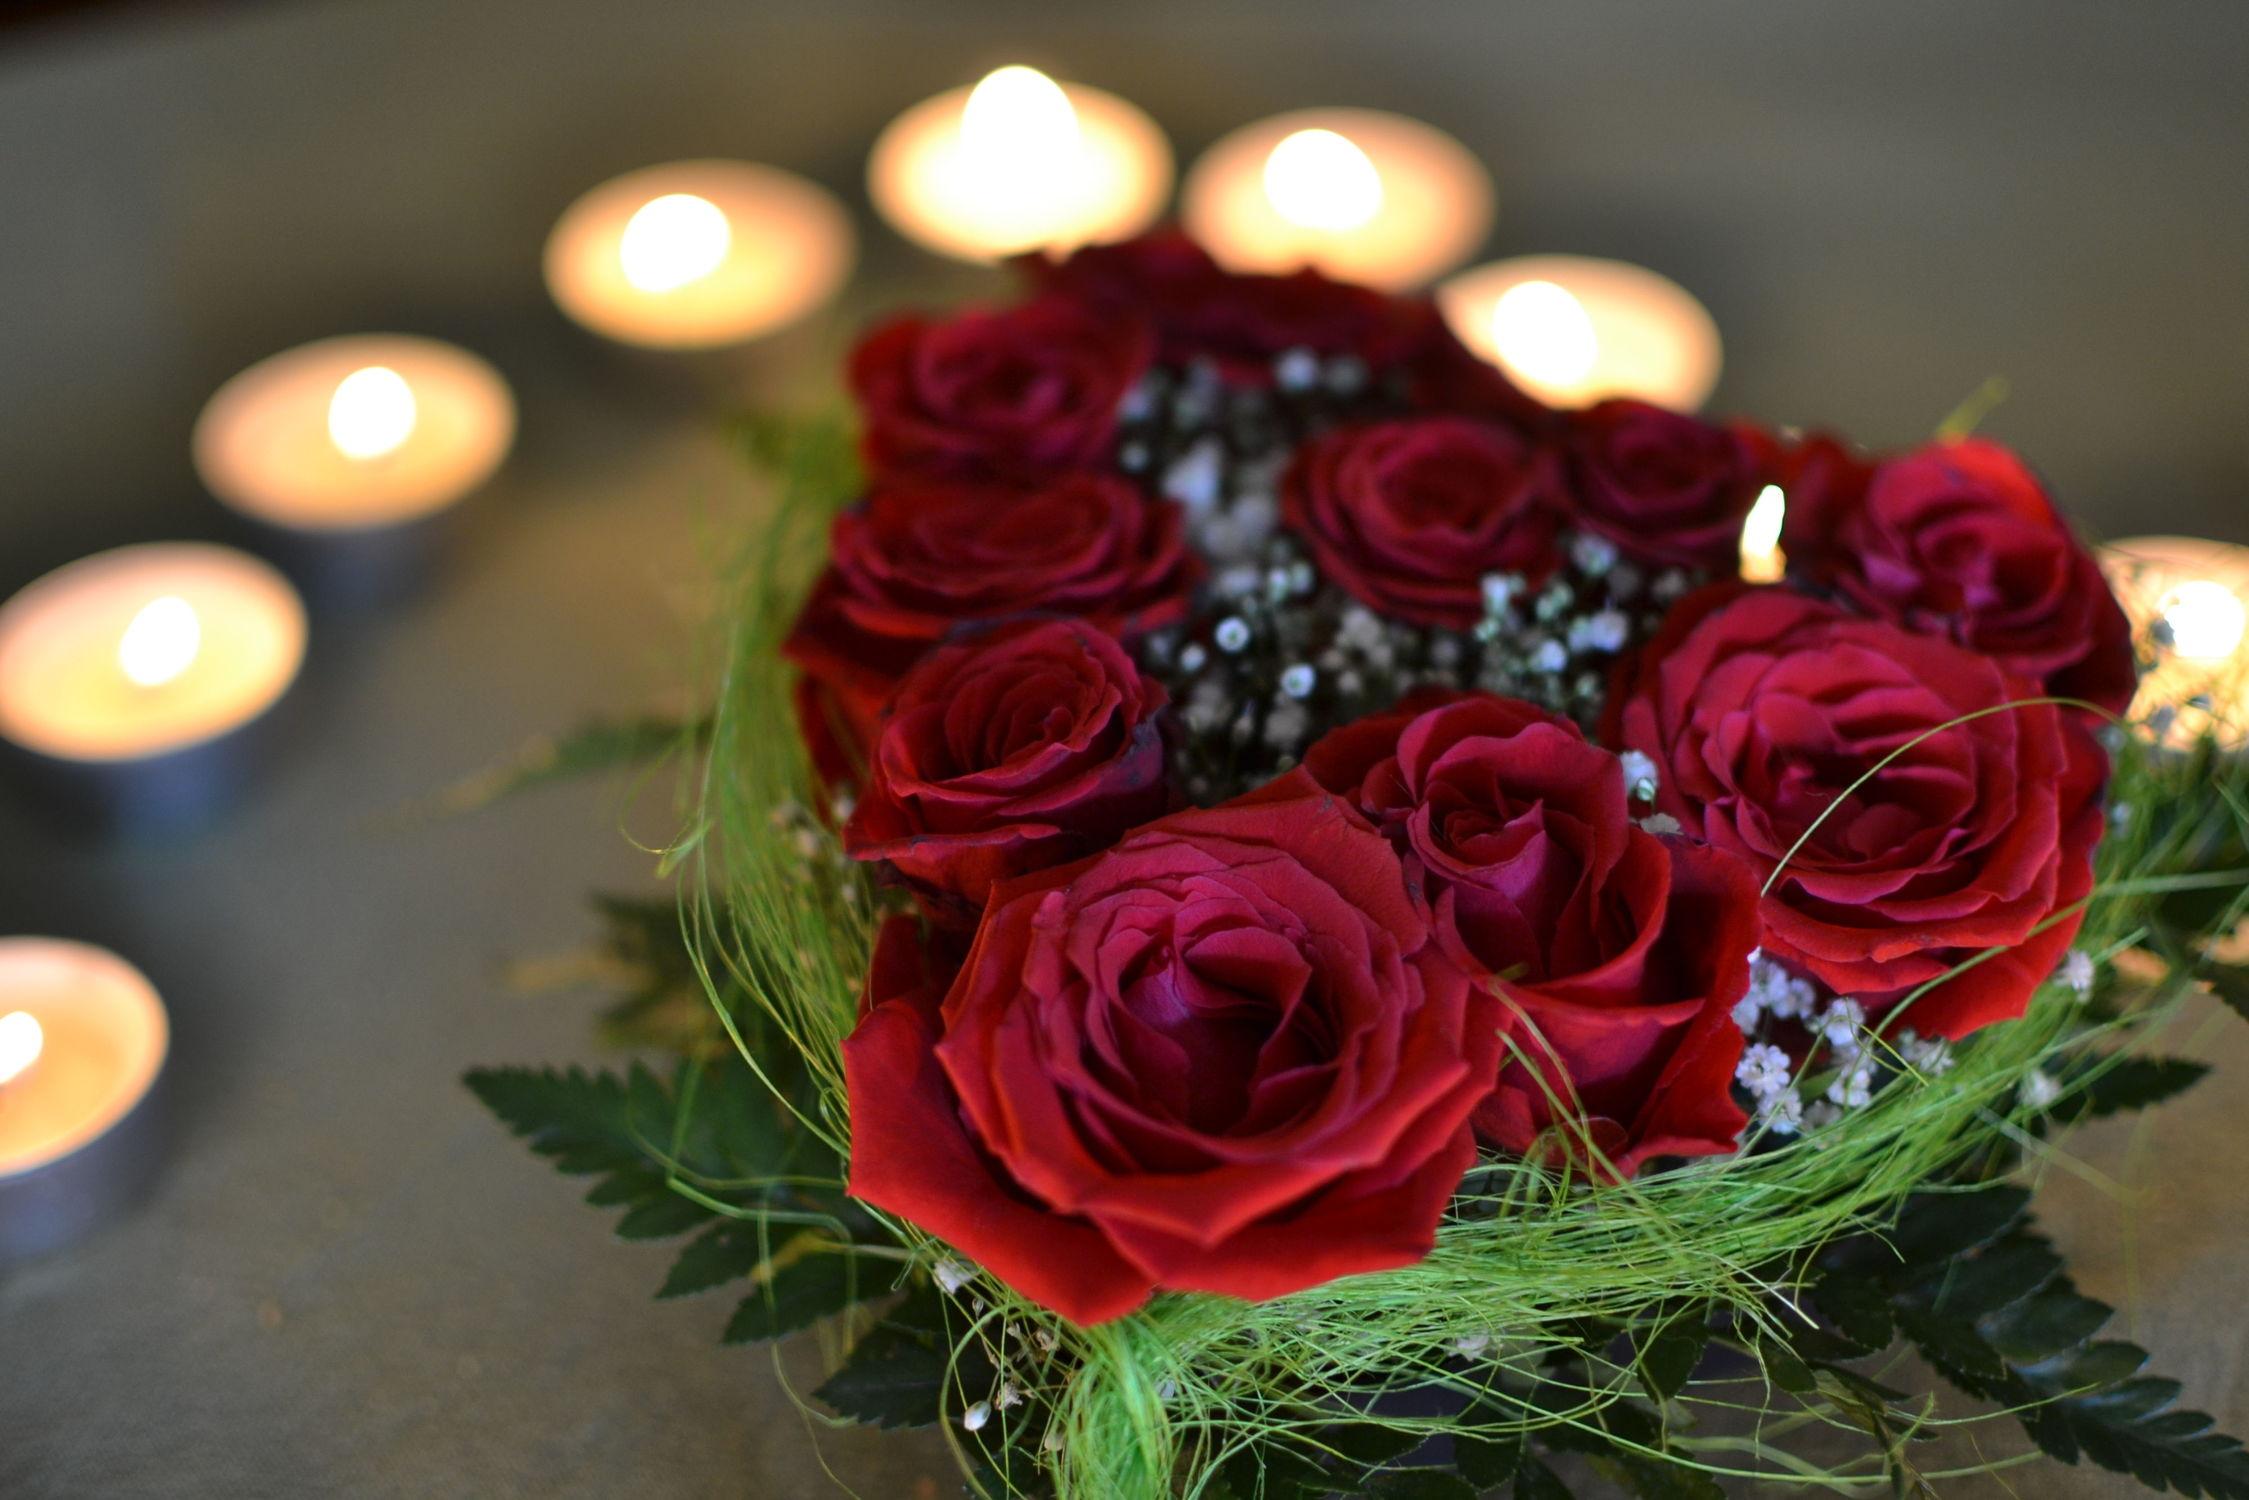 Bild mit Blumen, Rosen, Blume, Flower, Kerzenlicht, Stillleben, Herz, Liebe, Hochzeit, Geburtstag, Valentinstag, Rosenherz